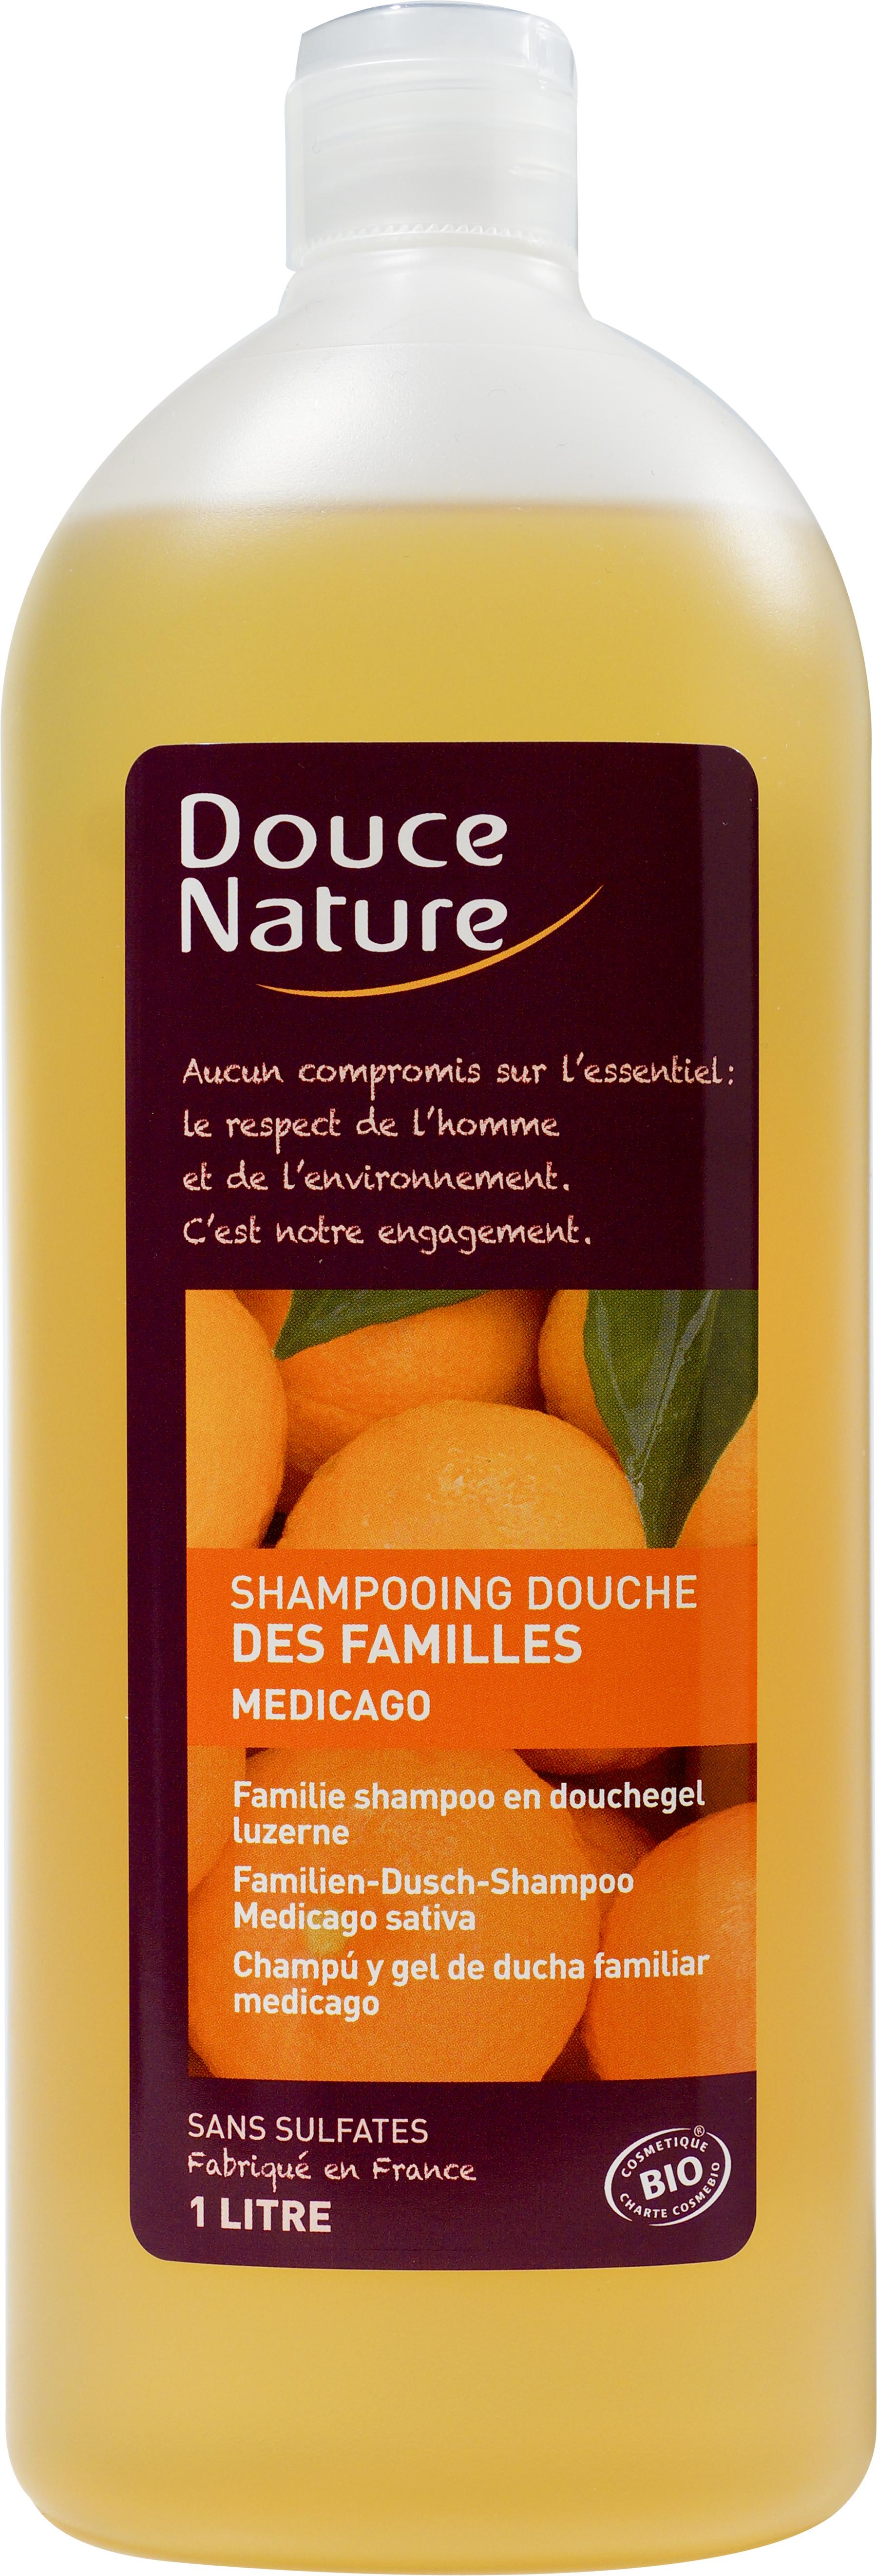 Shampooing-douche des familles Medicalgo, Douce Nature (1 L)